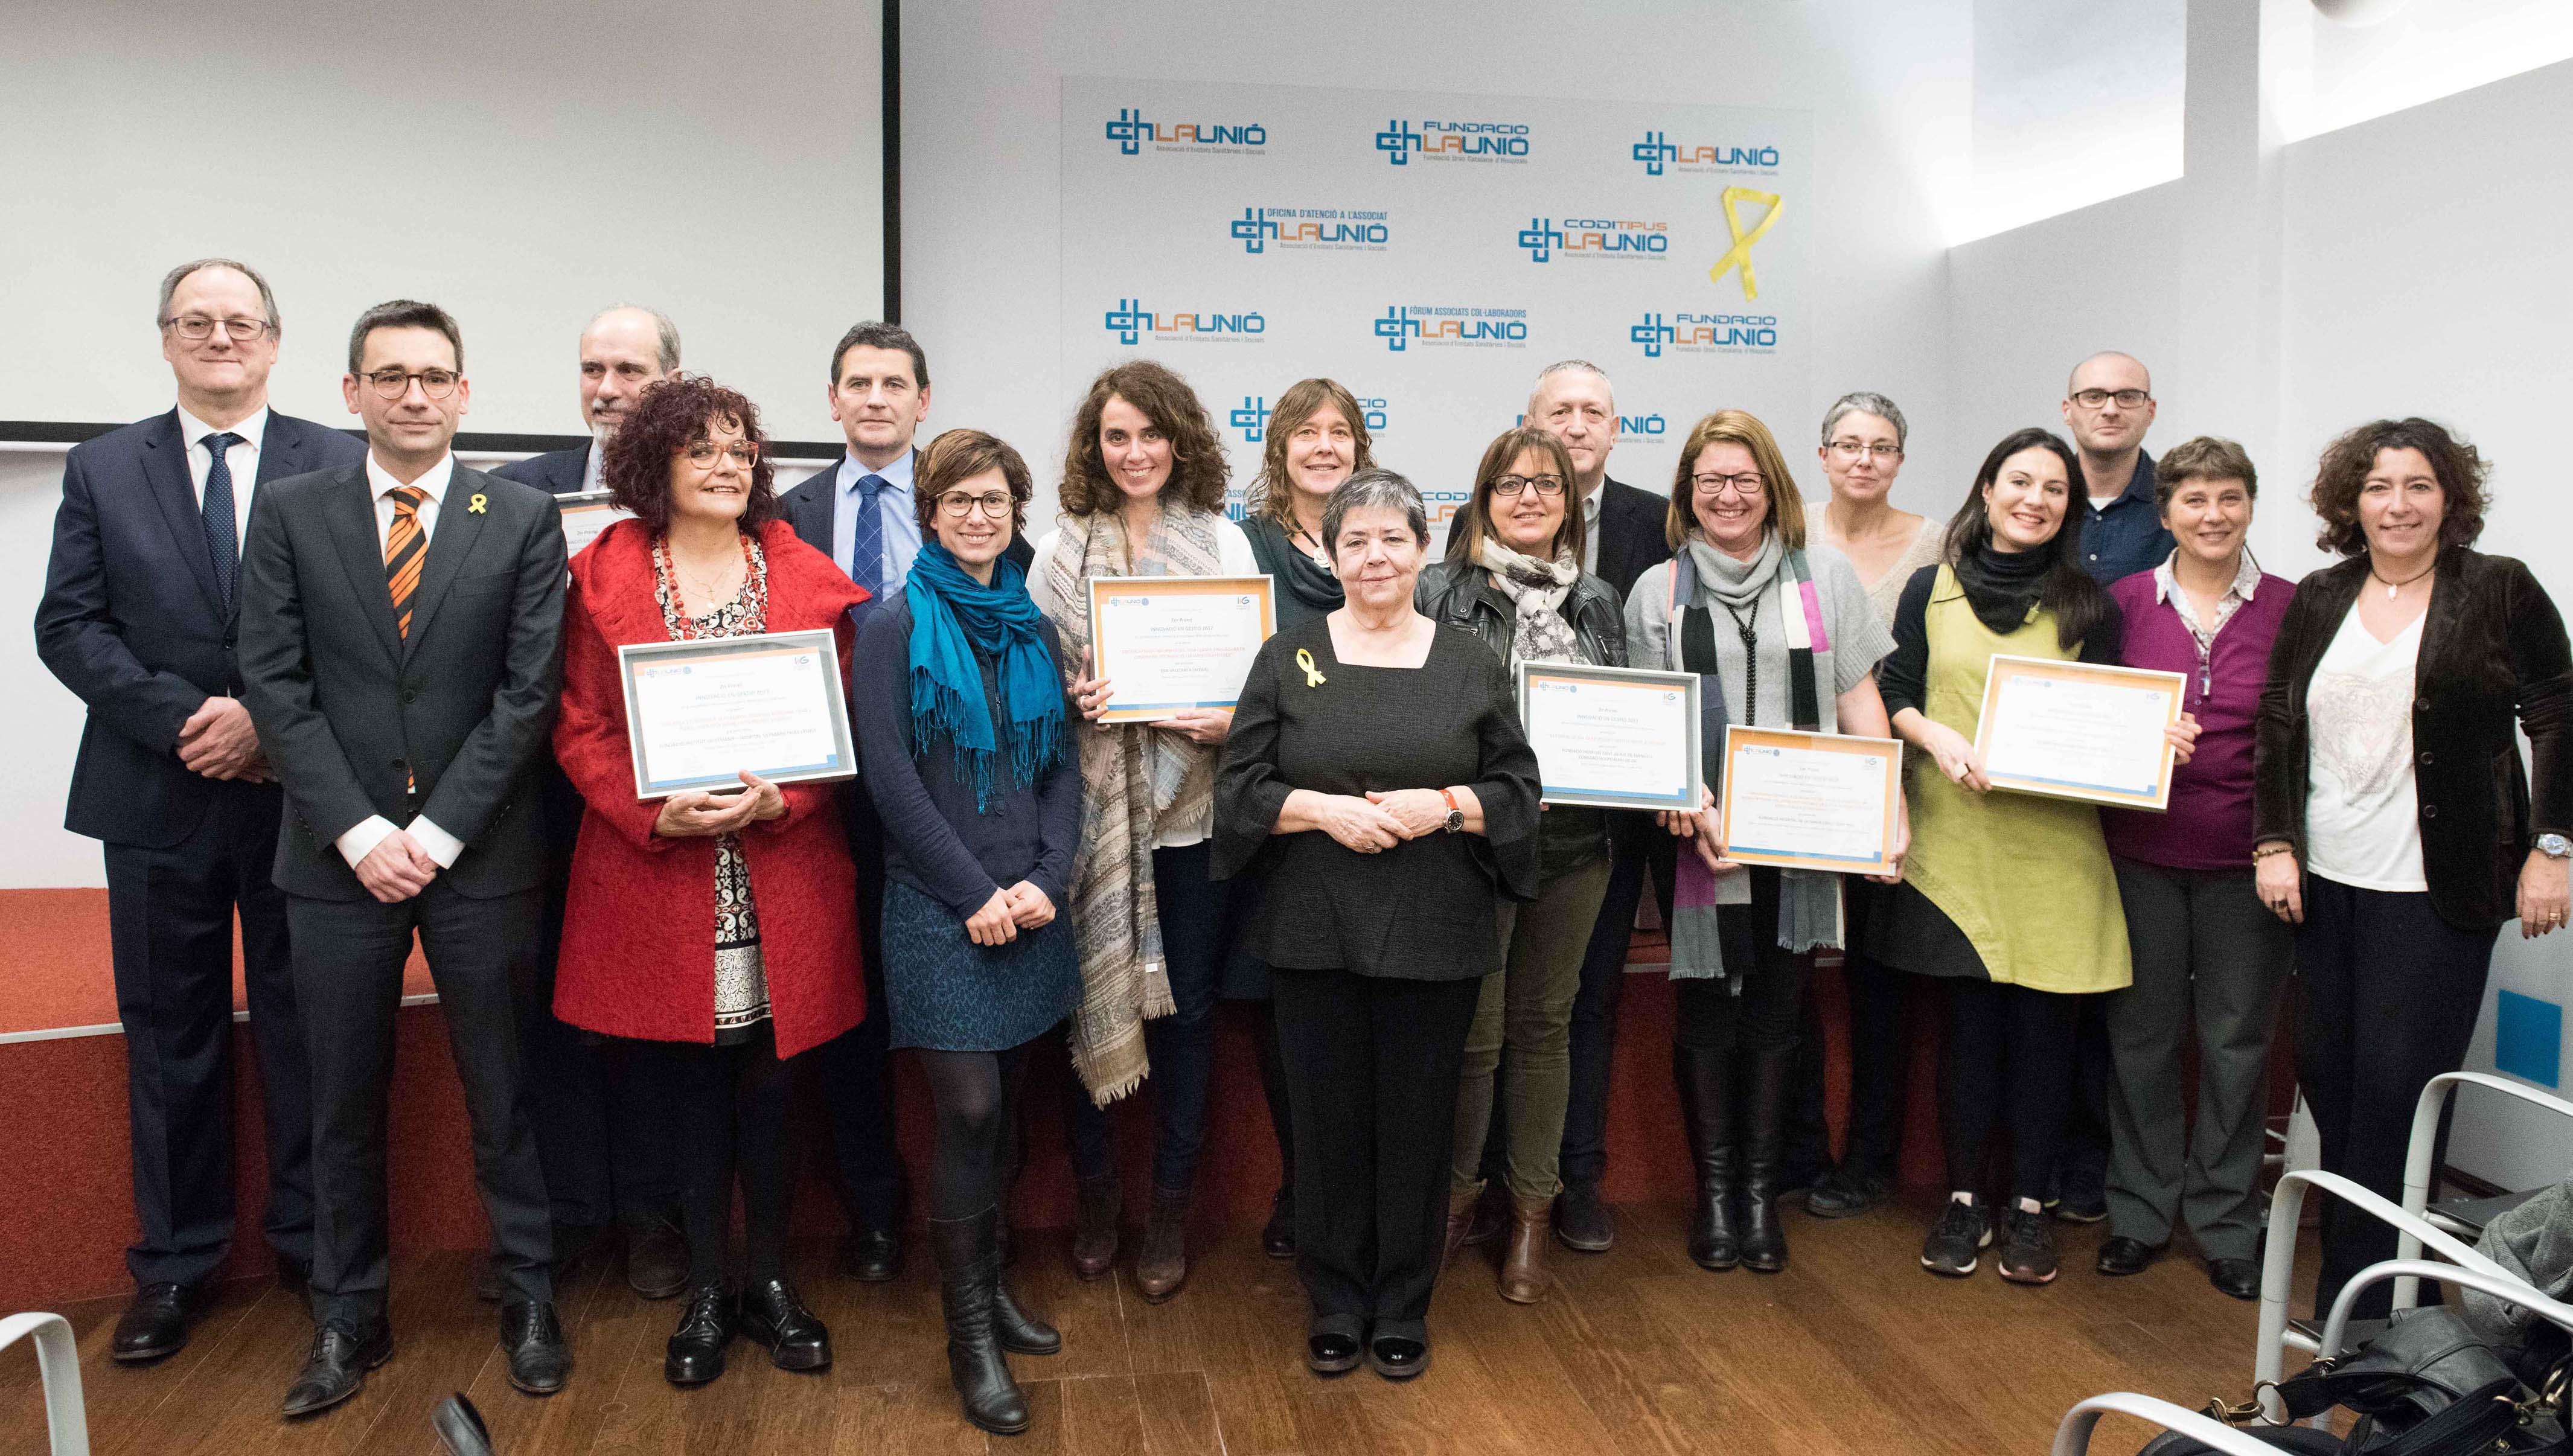 Premis La Unió 2017